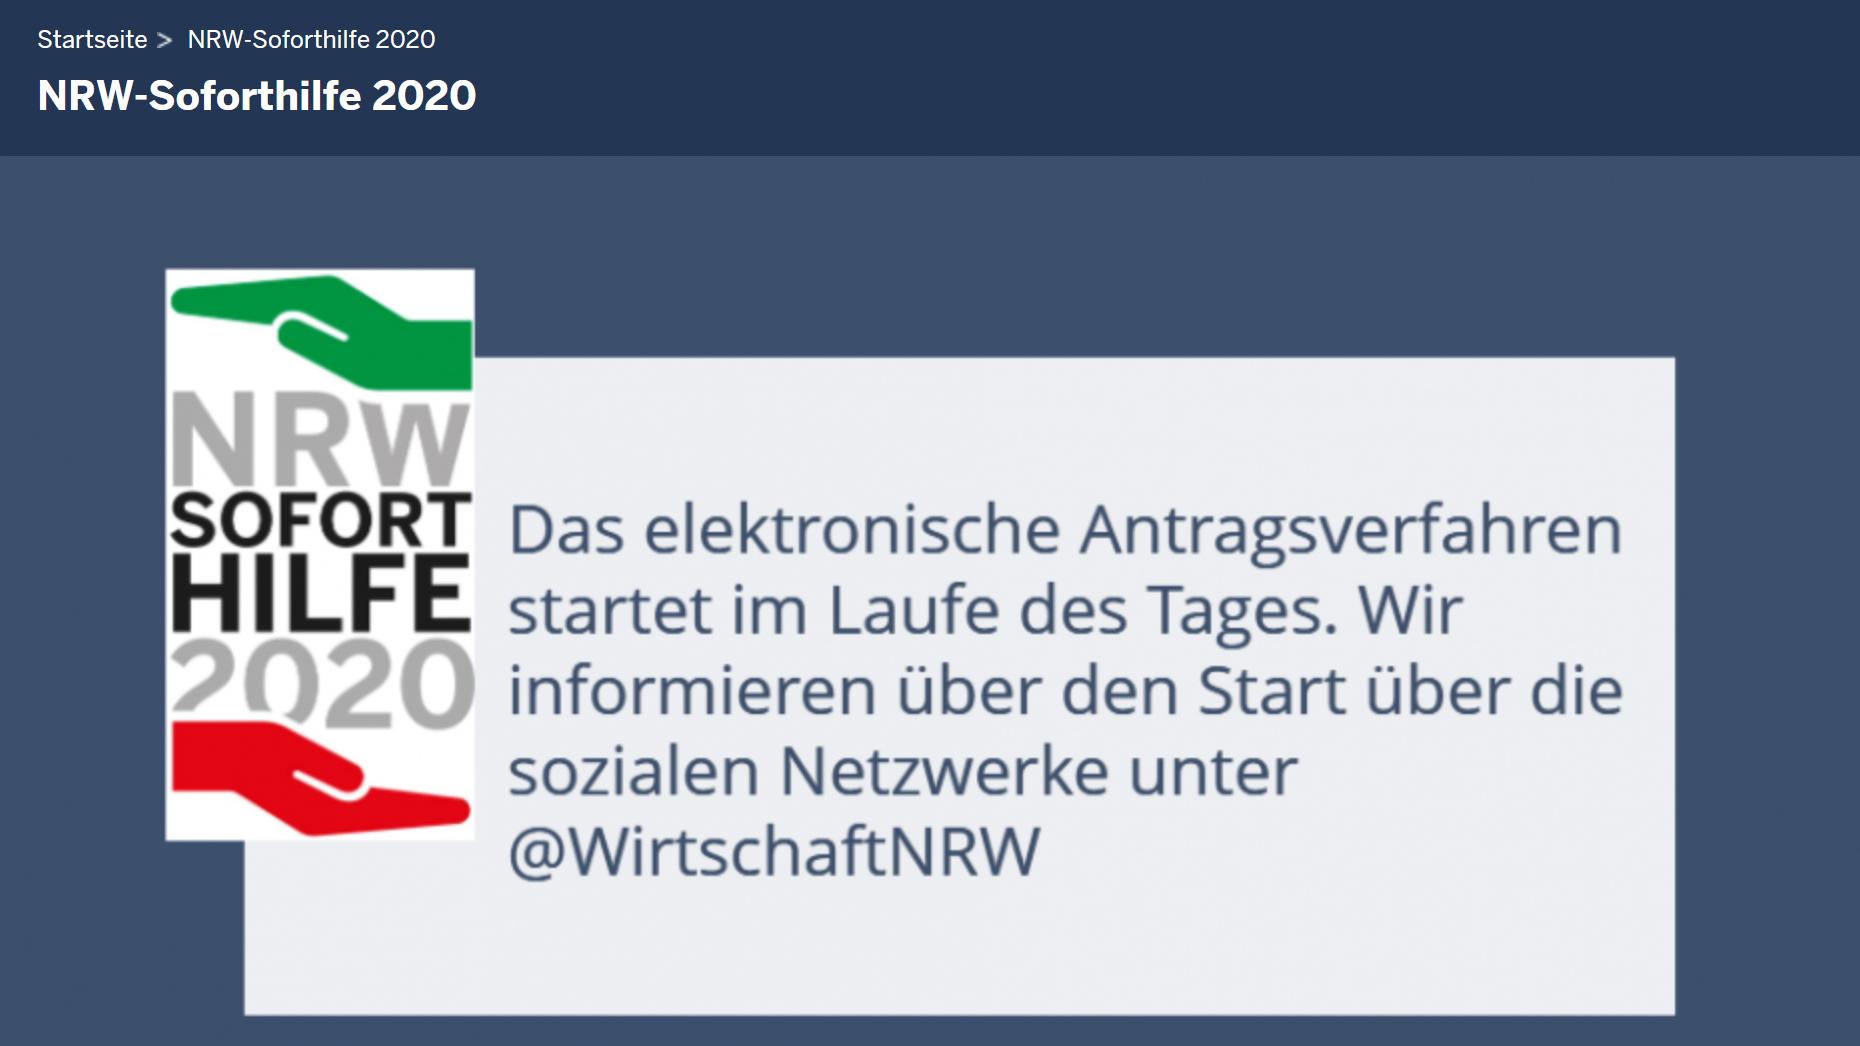 NRW Soforthilfe